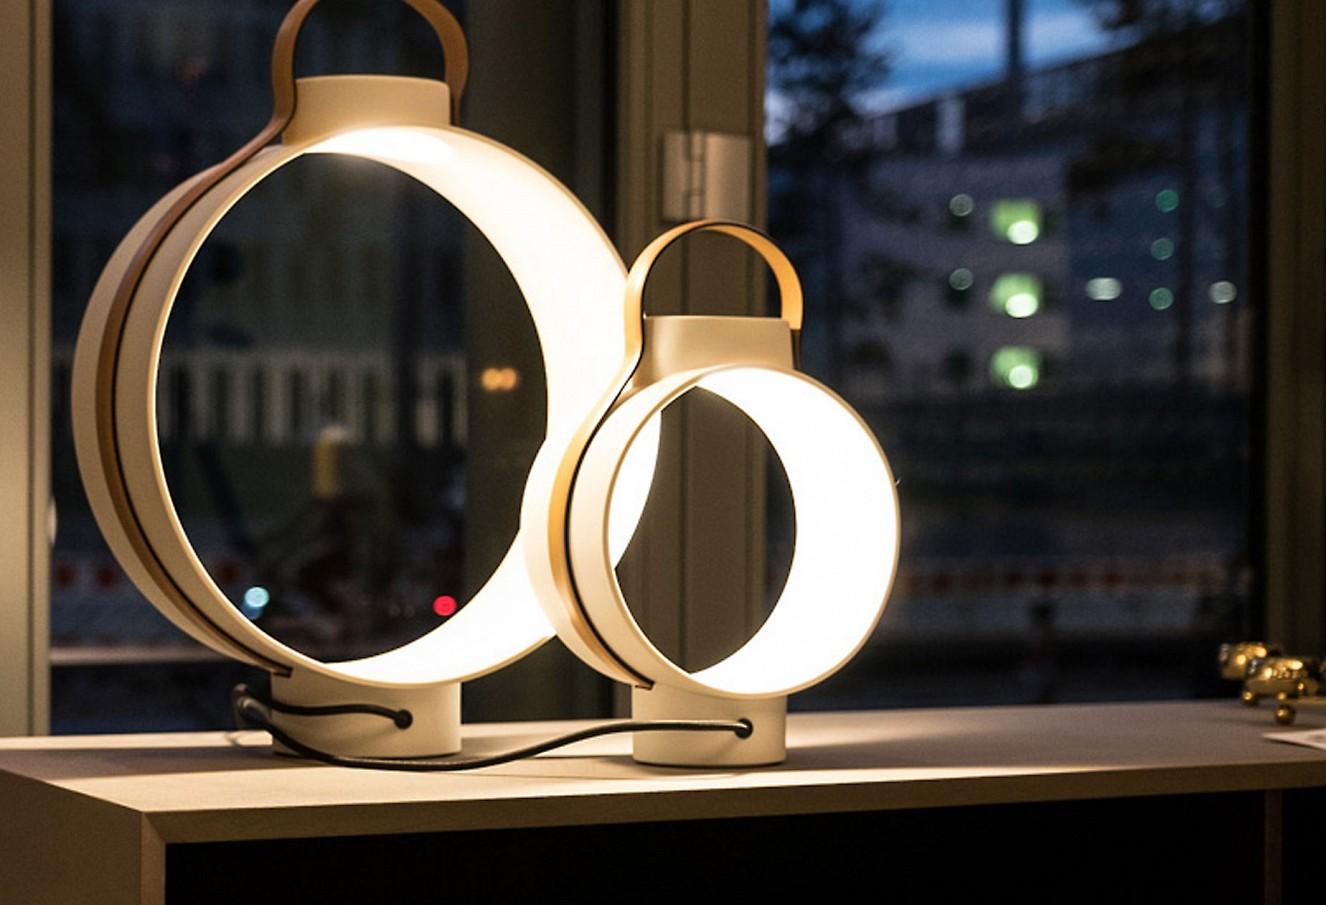 brillant interiors Innenarchitekt Berlin Mitte Leuchten von Dante/Rosenthal